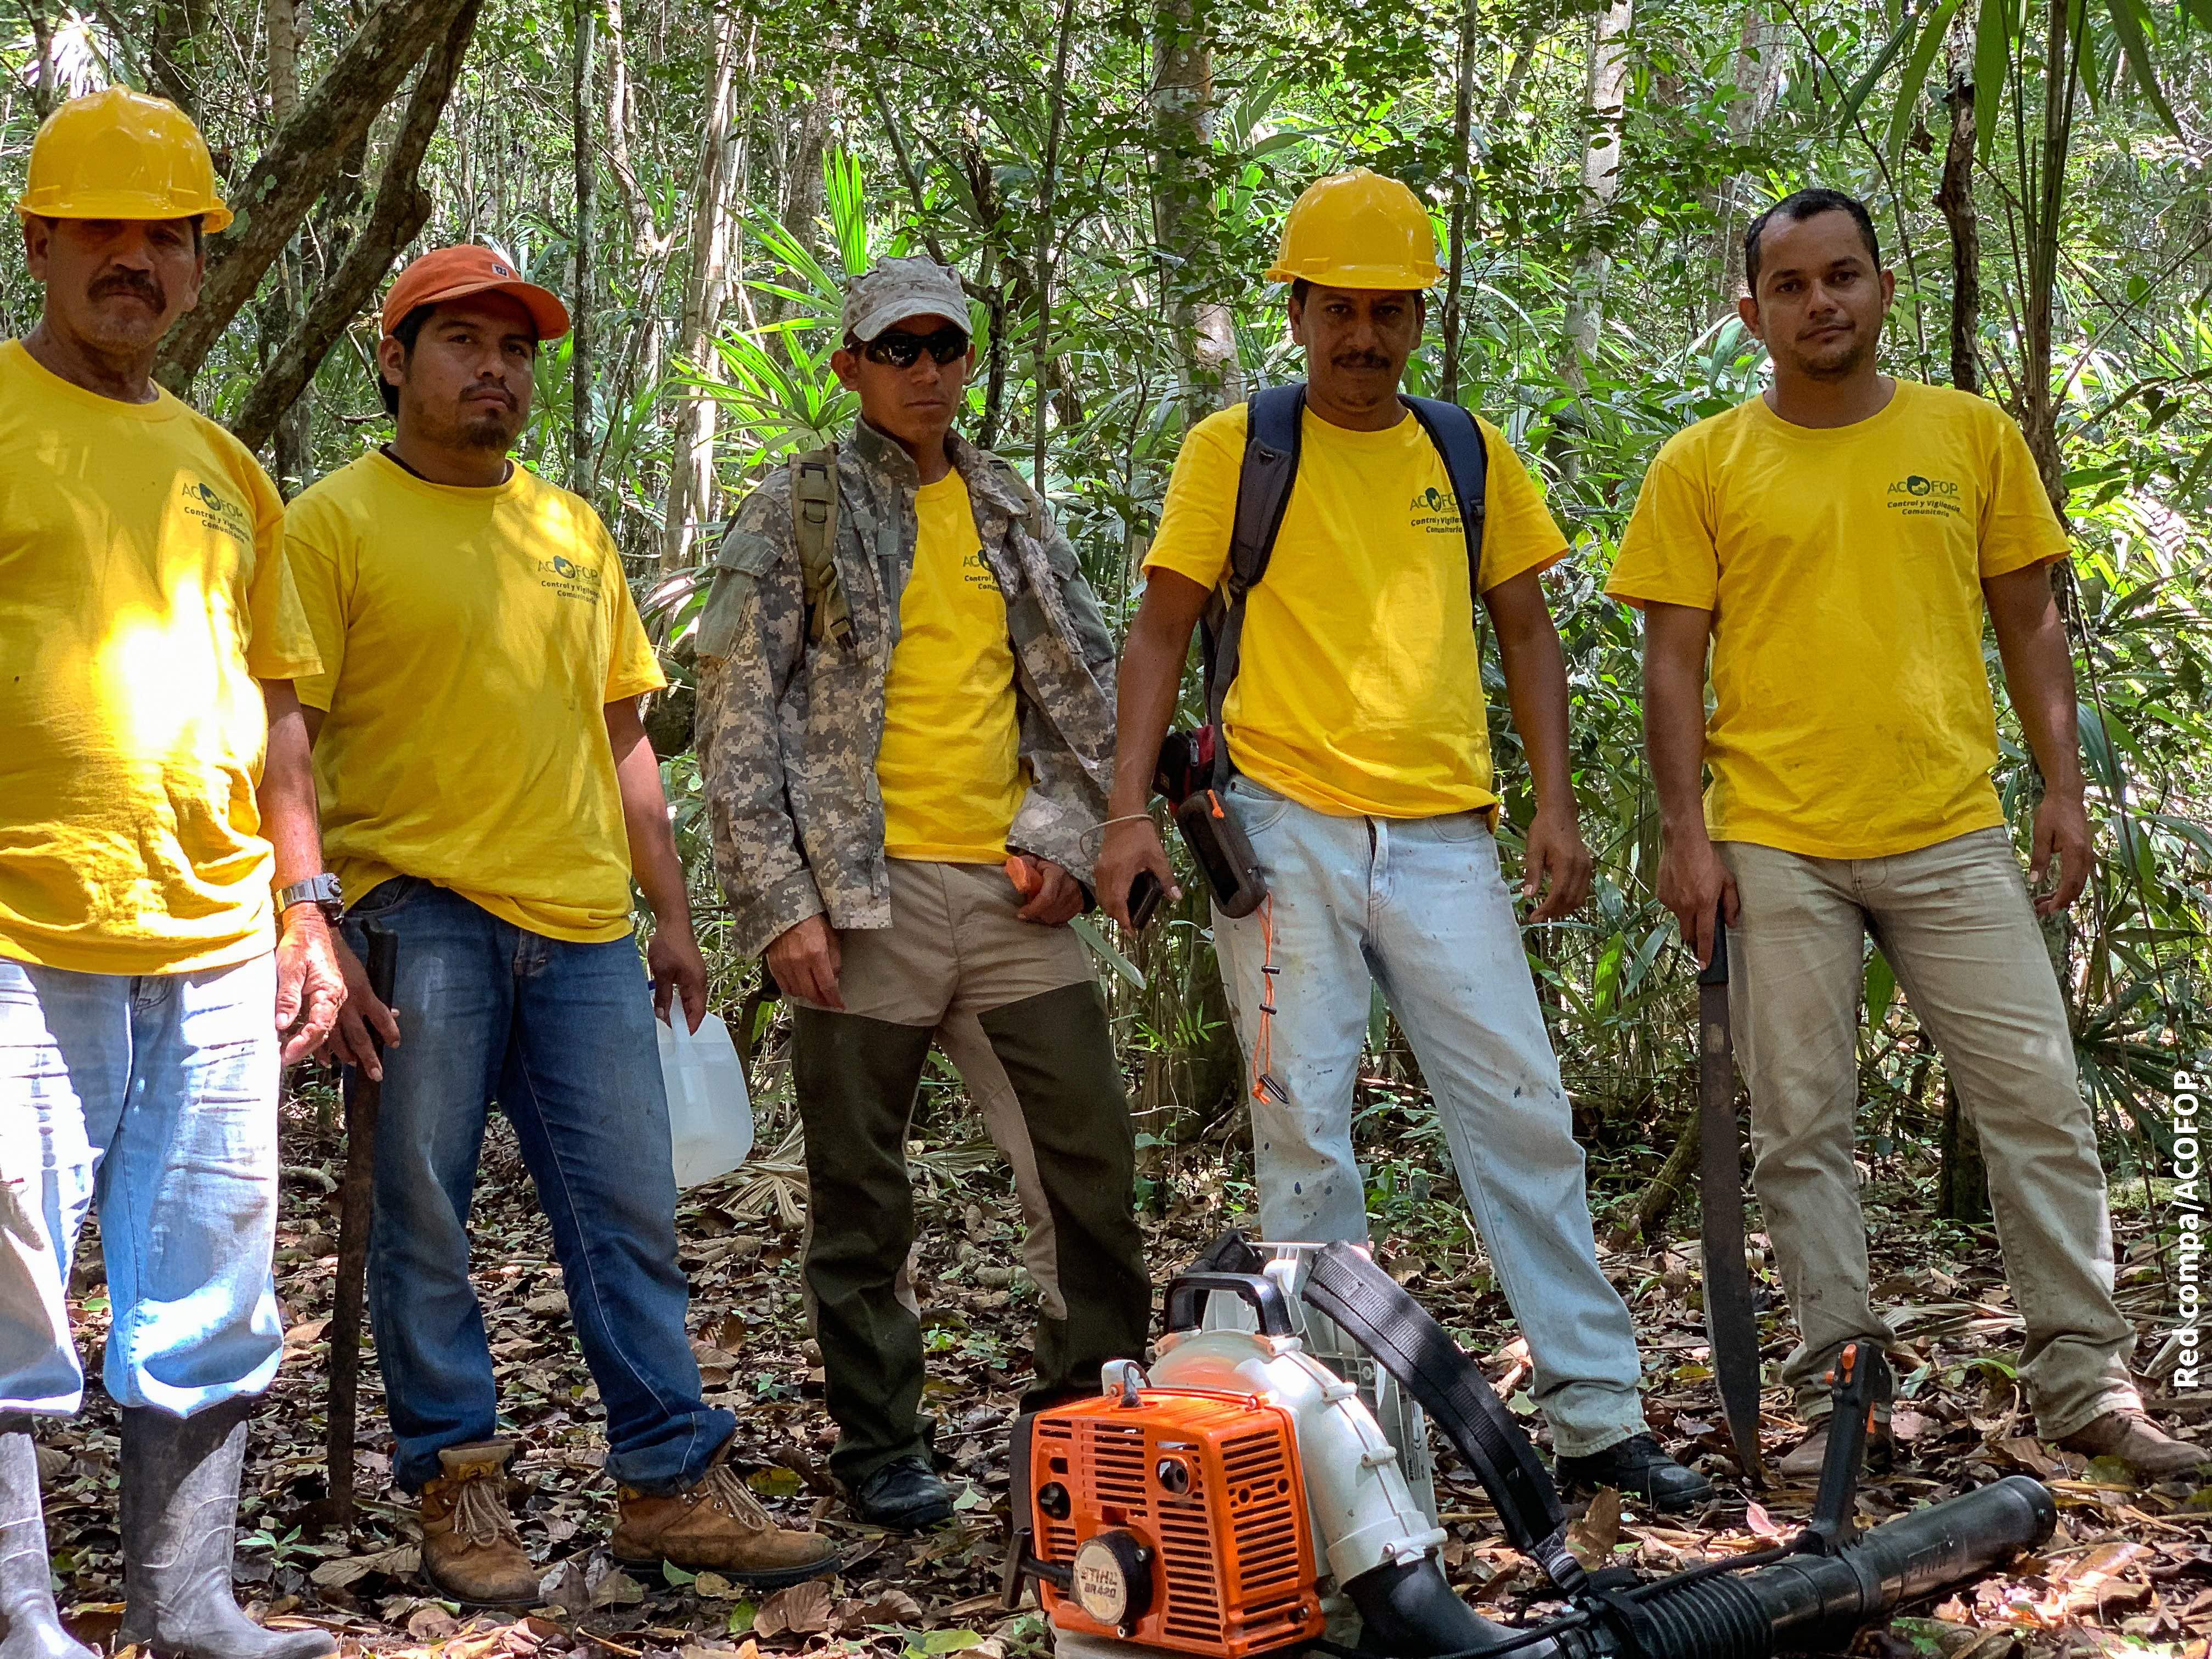 Bomberos comunitarios en concesiones forestales de Guatemala